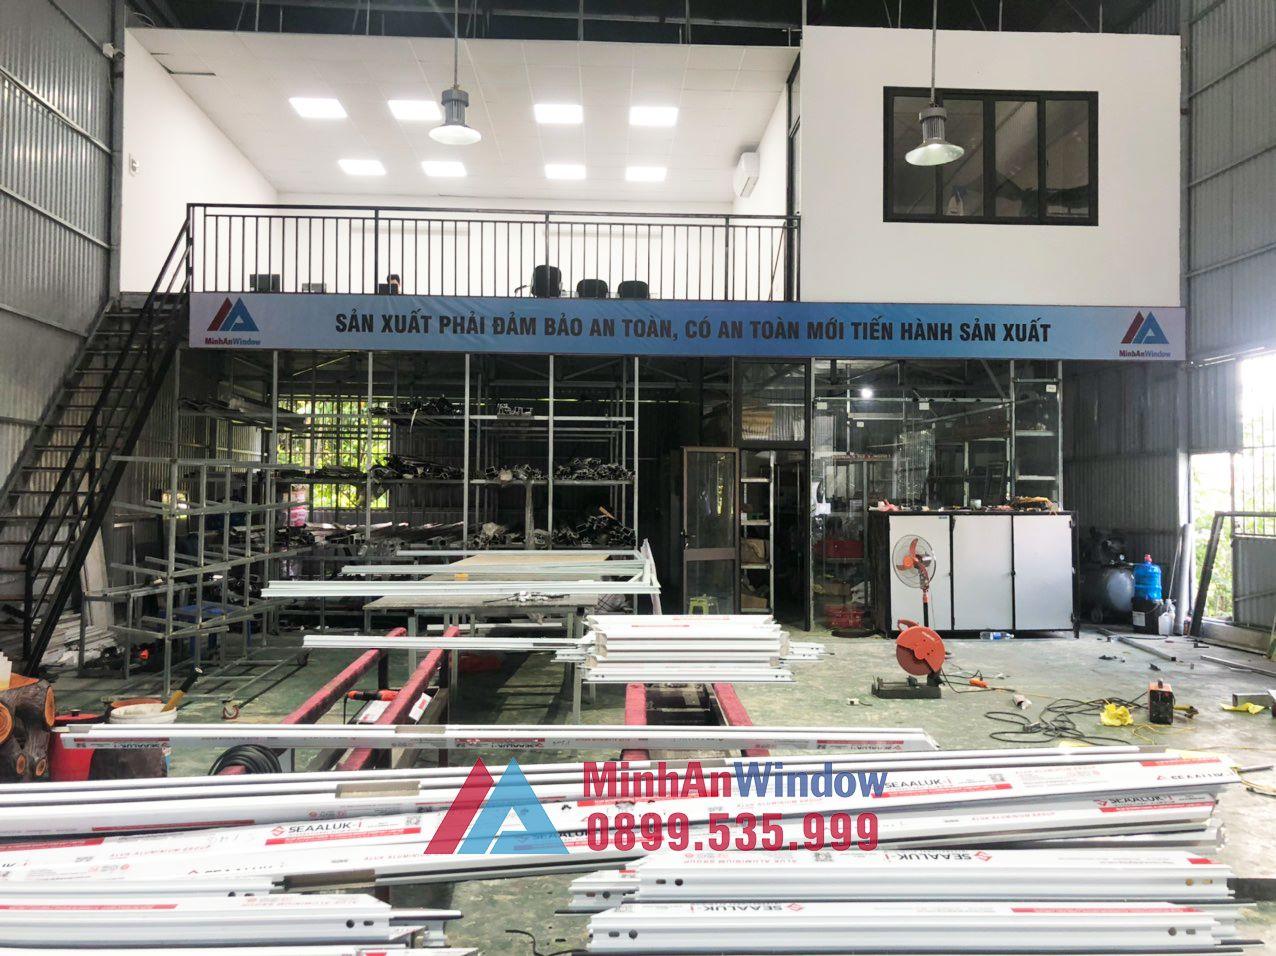 Xưởng sản xuất cửa nhôm kính của Minh An Window